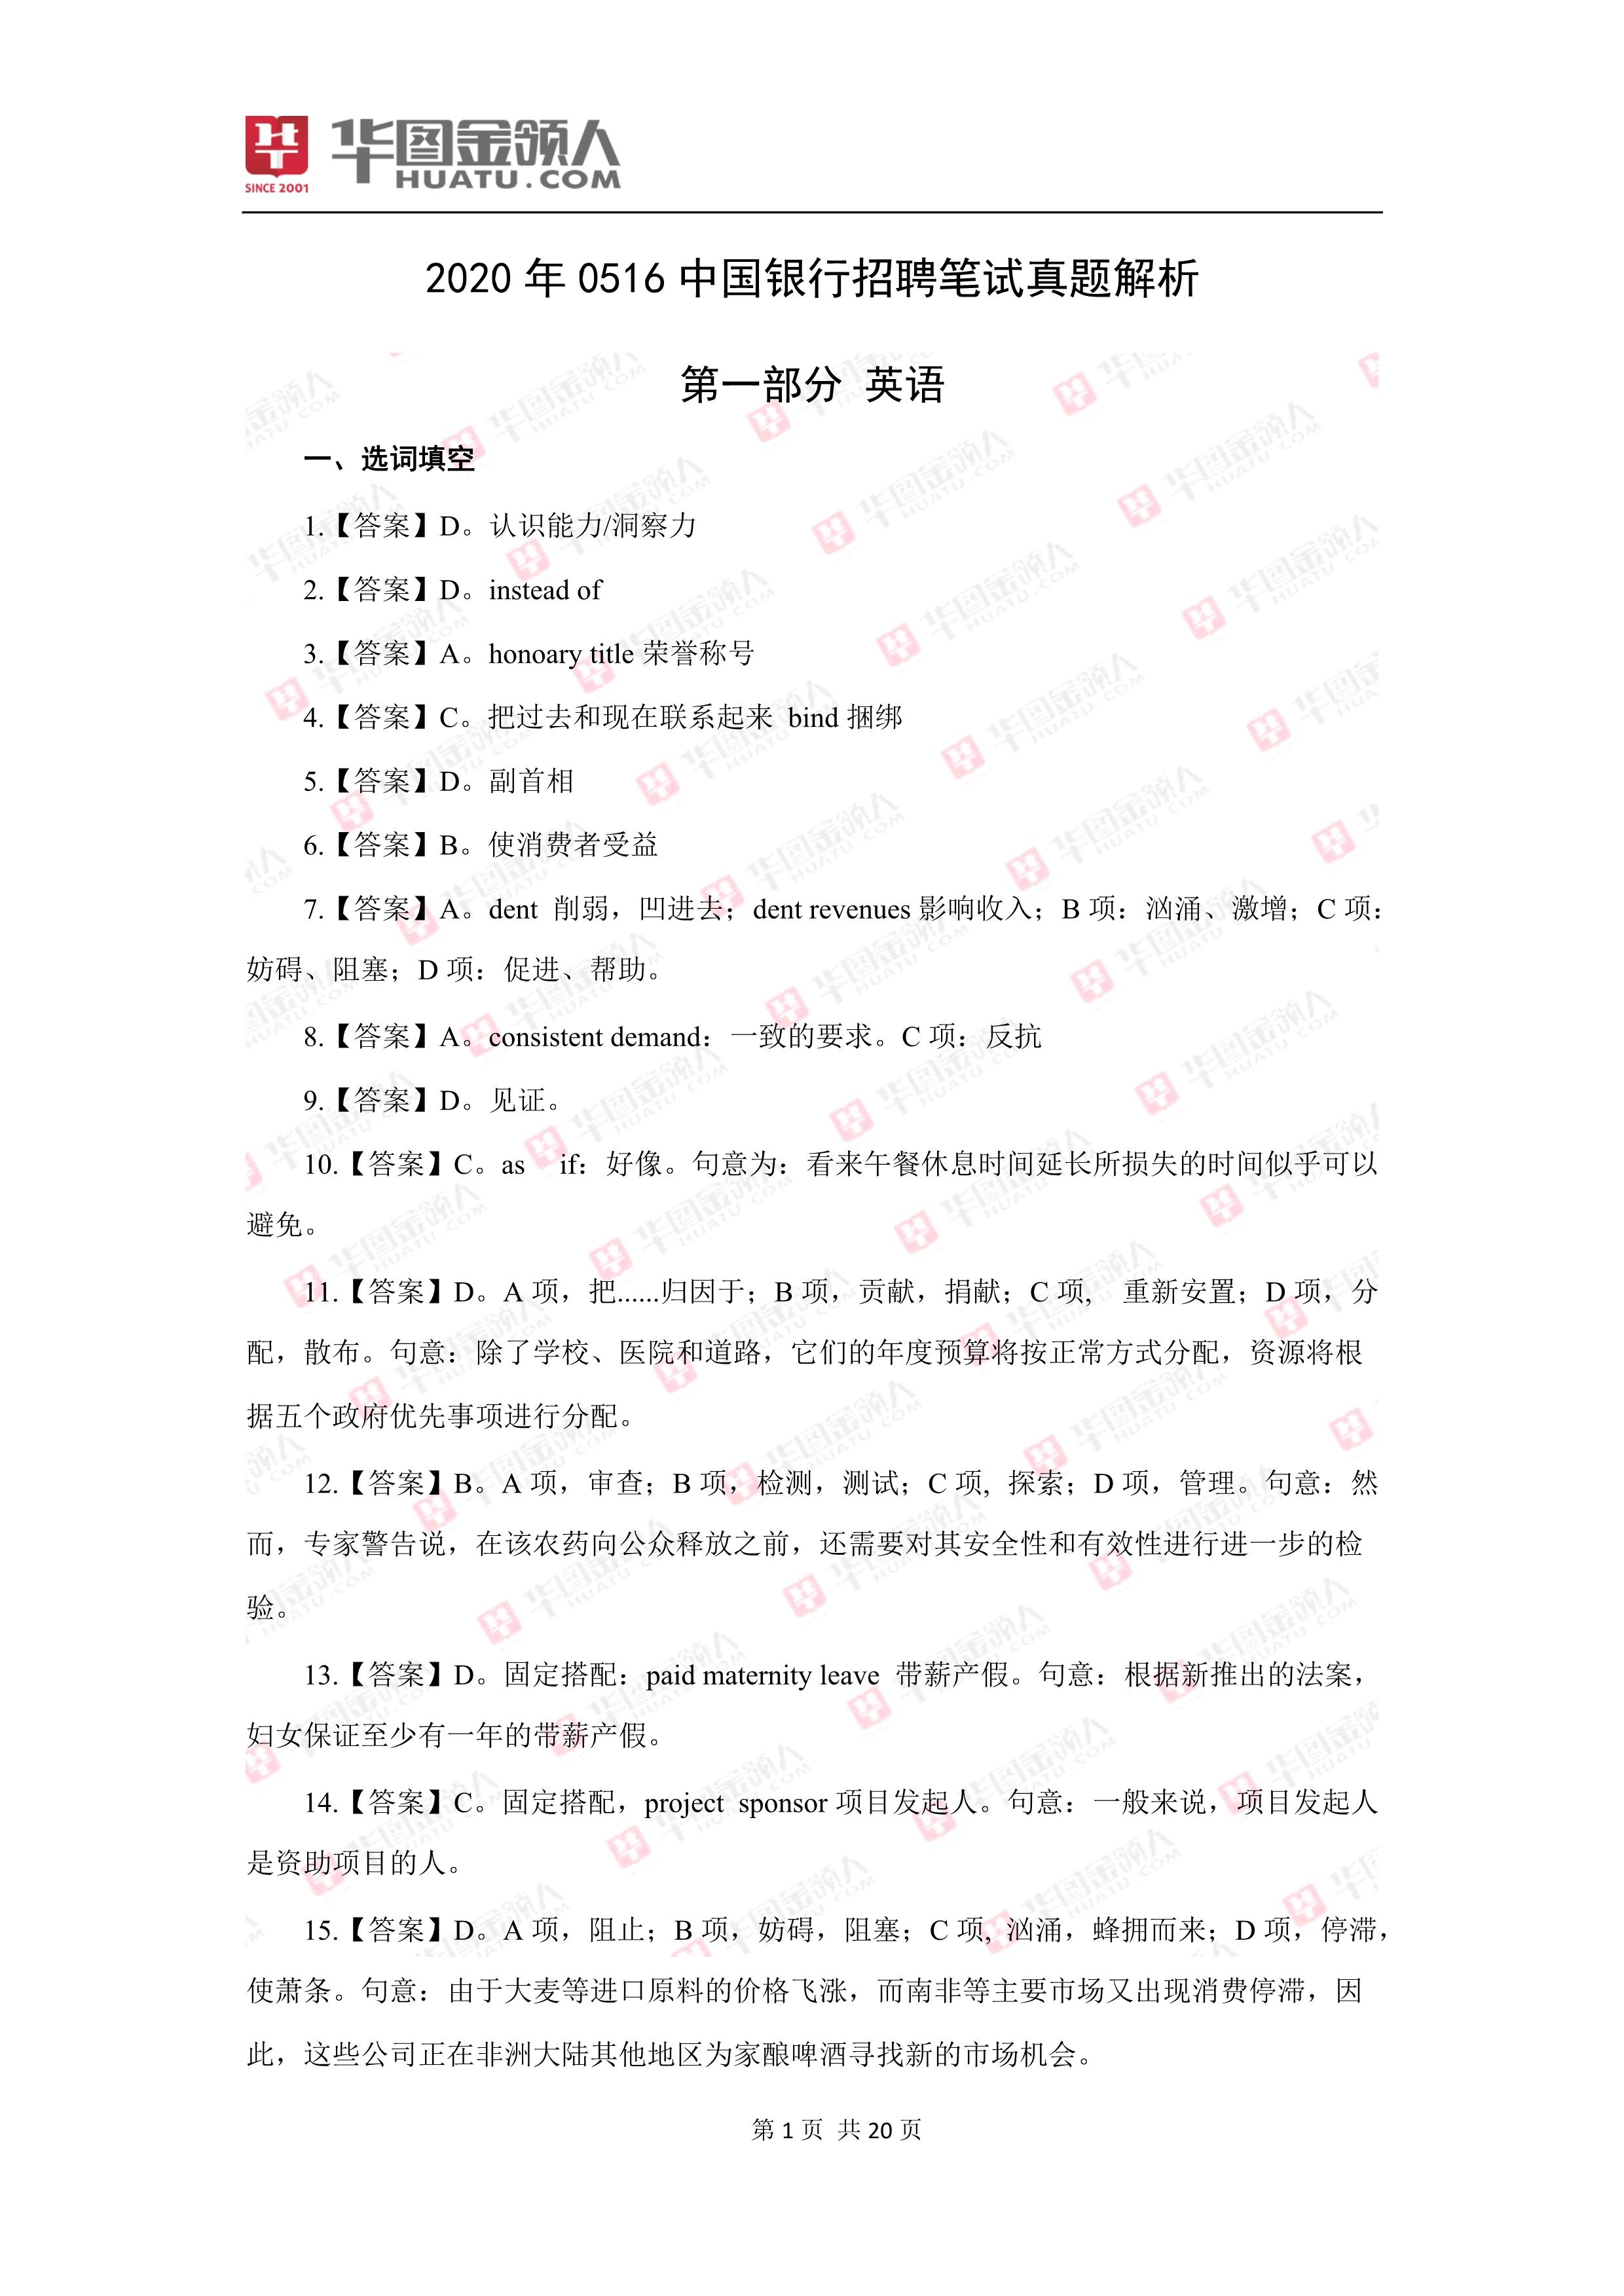 2020中国银行春季招聘真题题解析